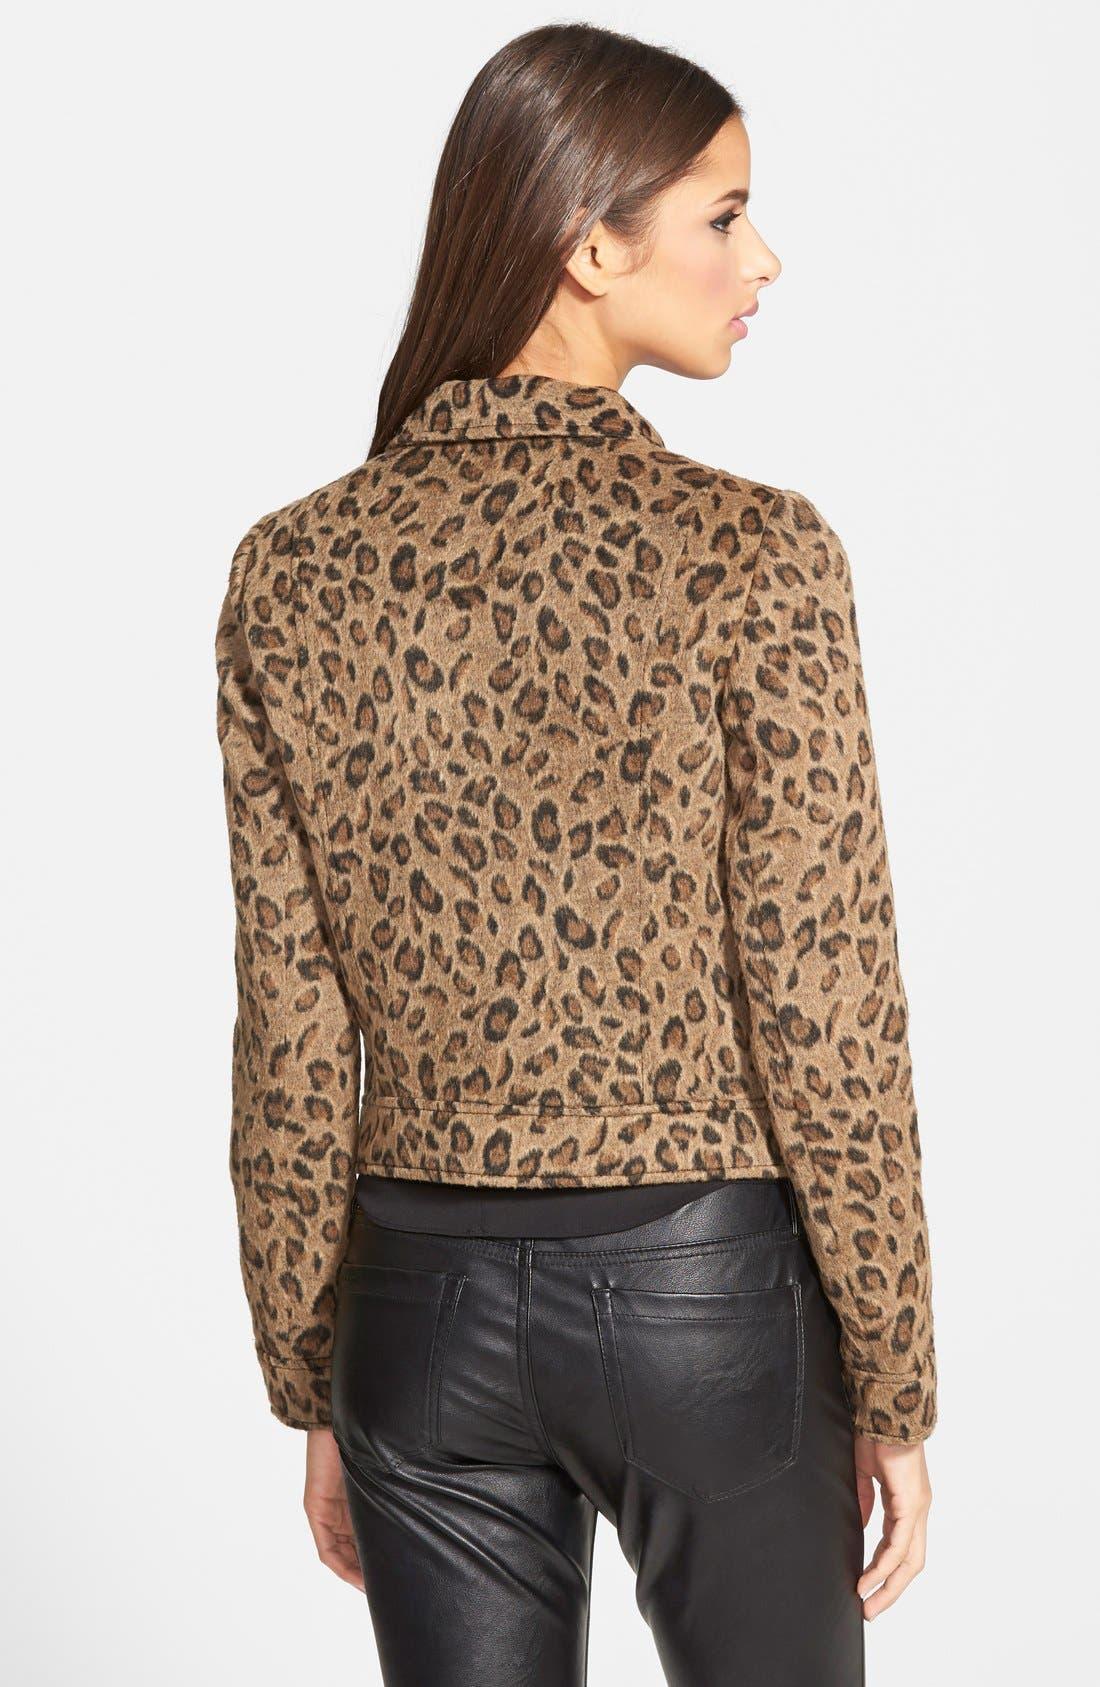 Leopard Print Moto Jacket,                             Alternate thumbnail 4, color,                             Tan Dale Leopard